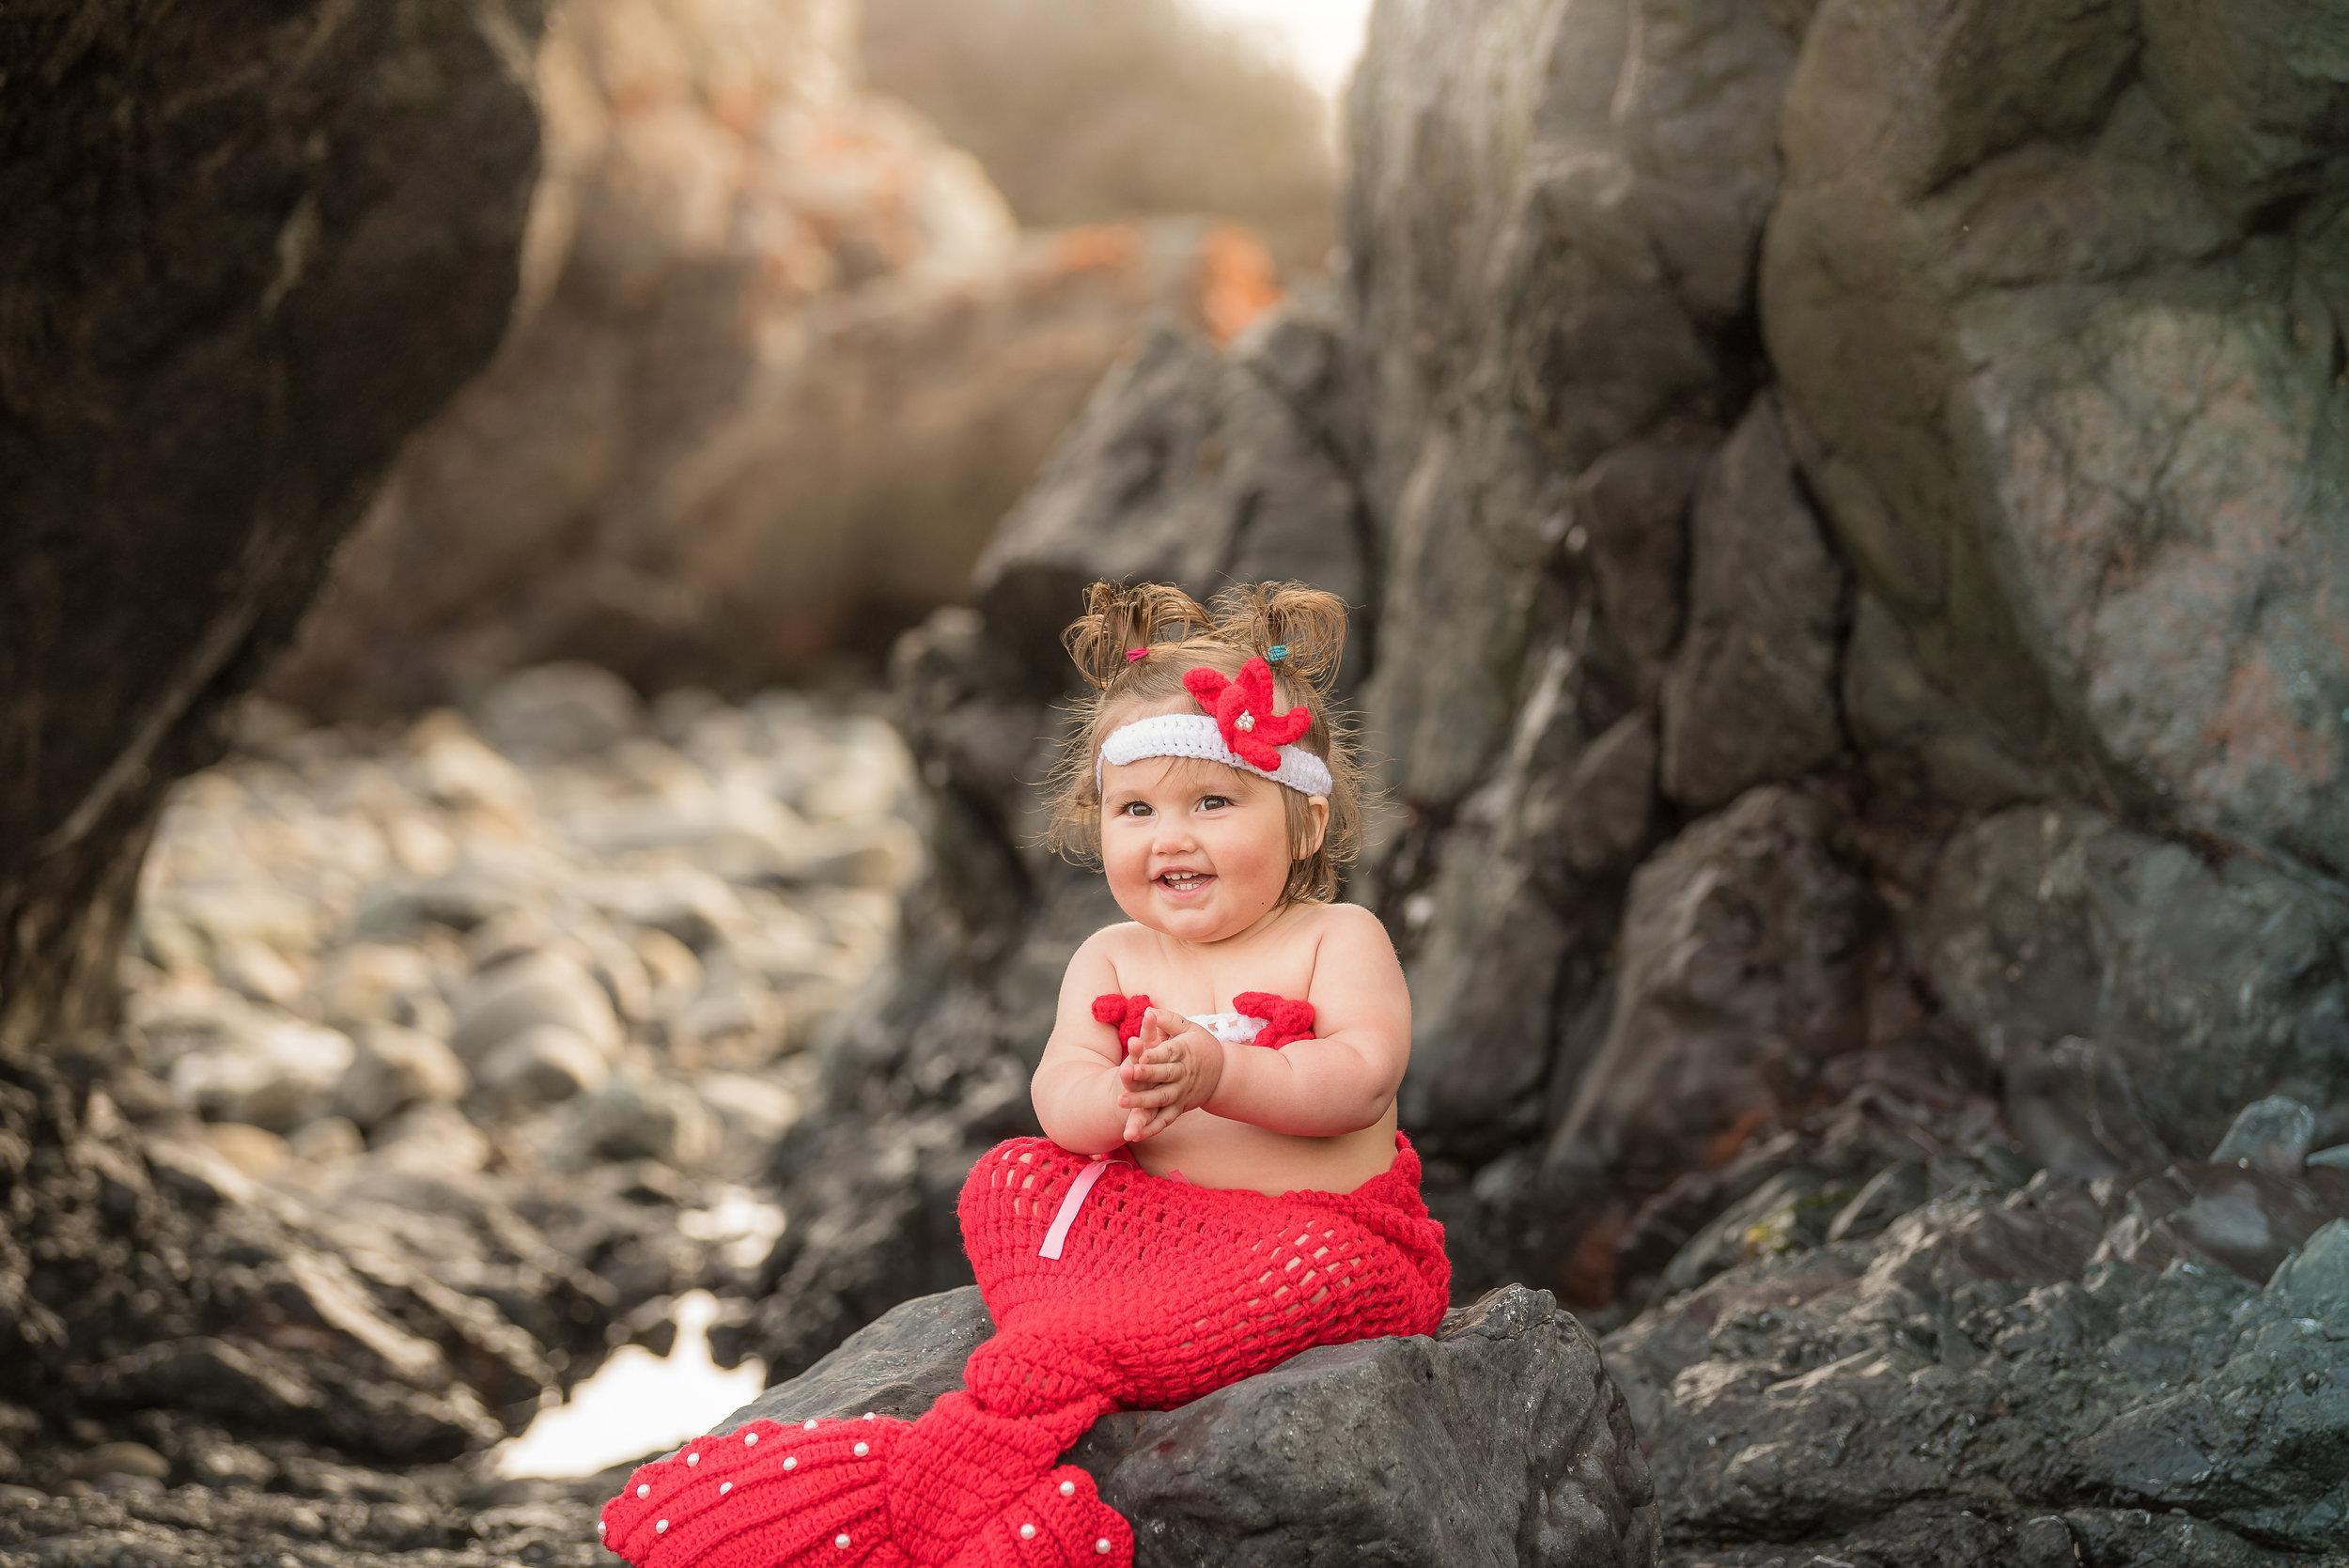 Naiya-Parky'sPics-Shelter Cove-Mermaid-HumboldtCounty-11.JPG